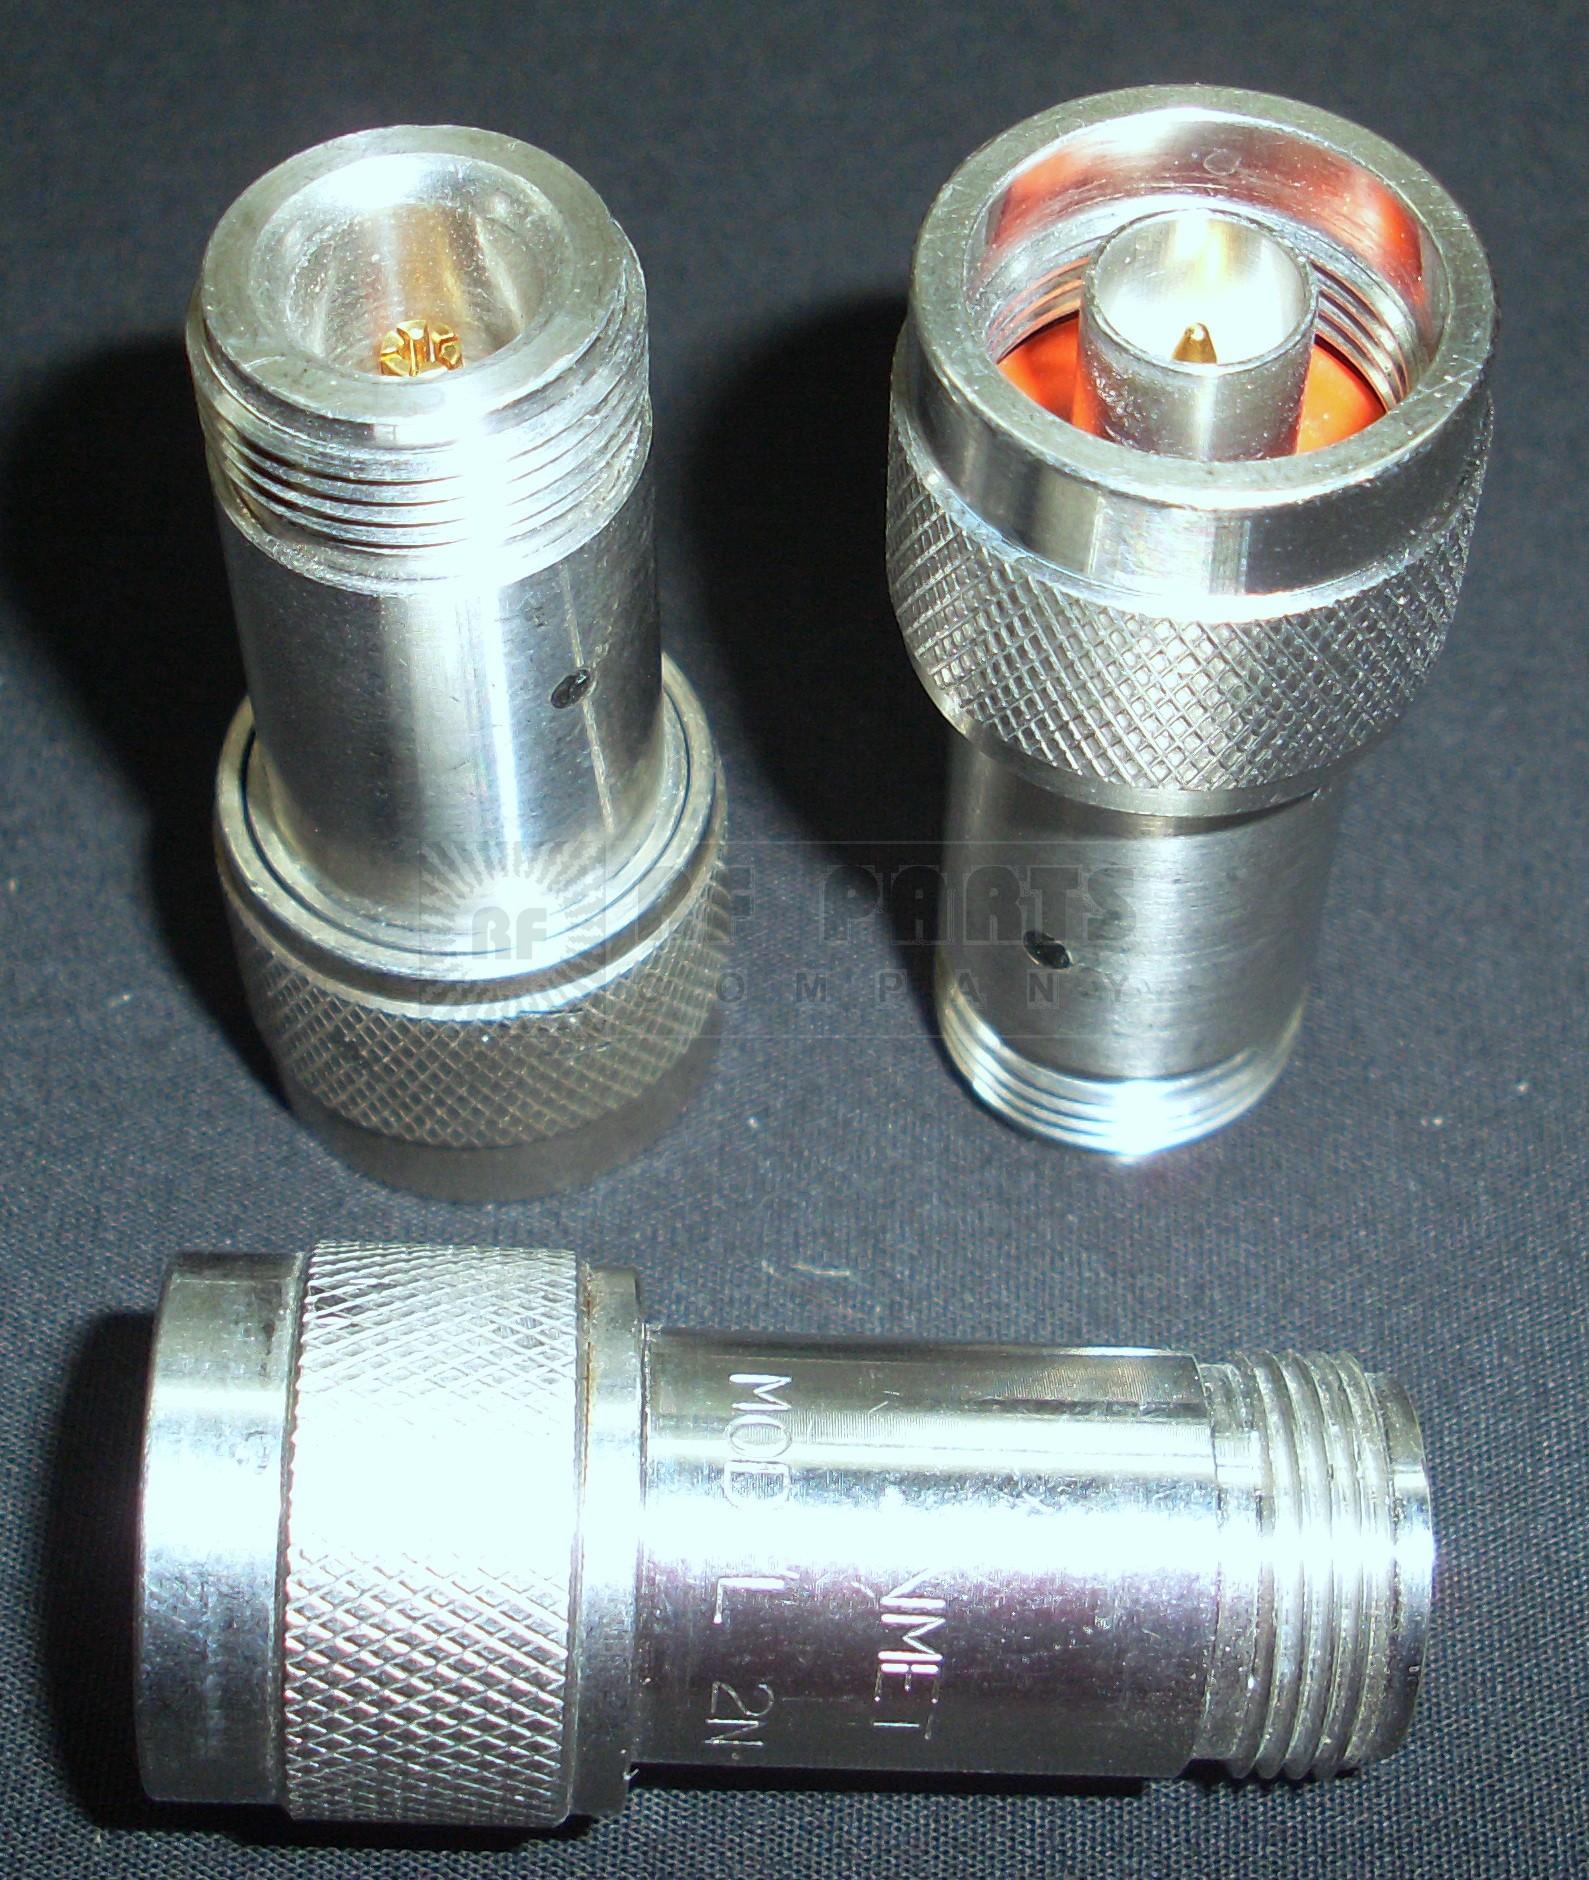 2N-3 Attenuator, Type-N Male/Female, 2 Watt, 3dB, Inmet (Clean Used)